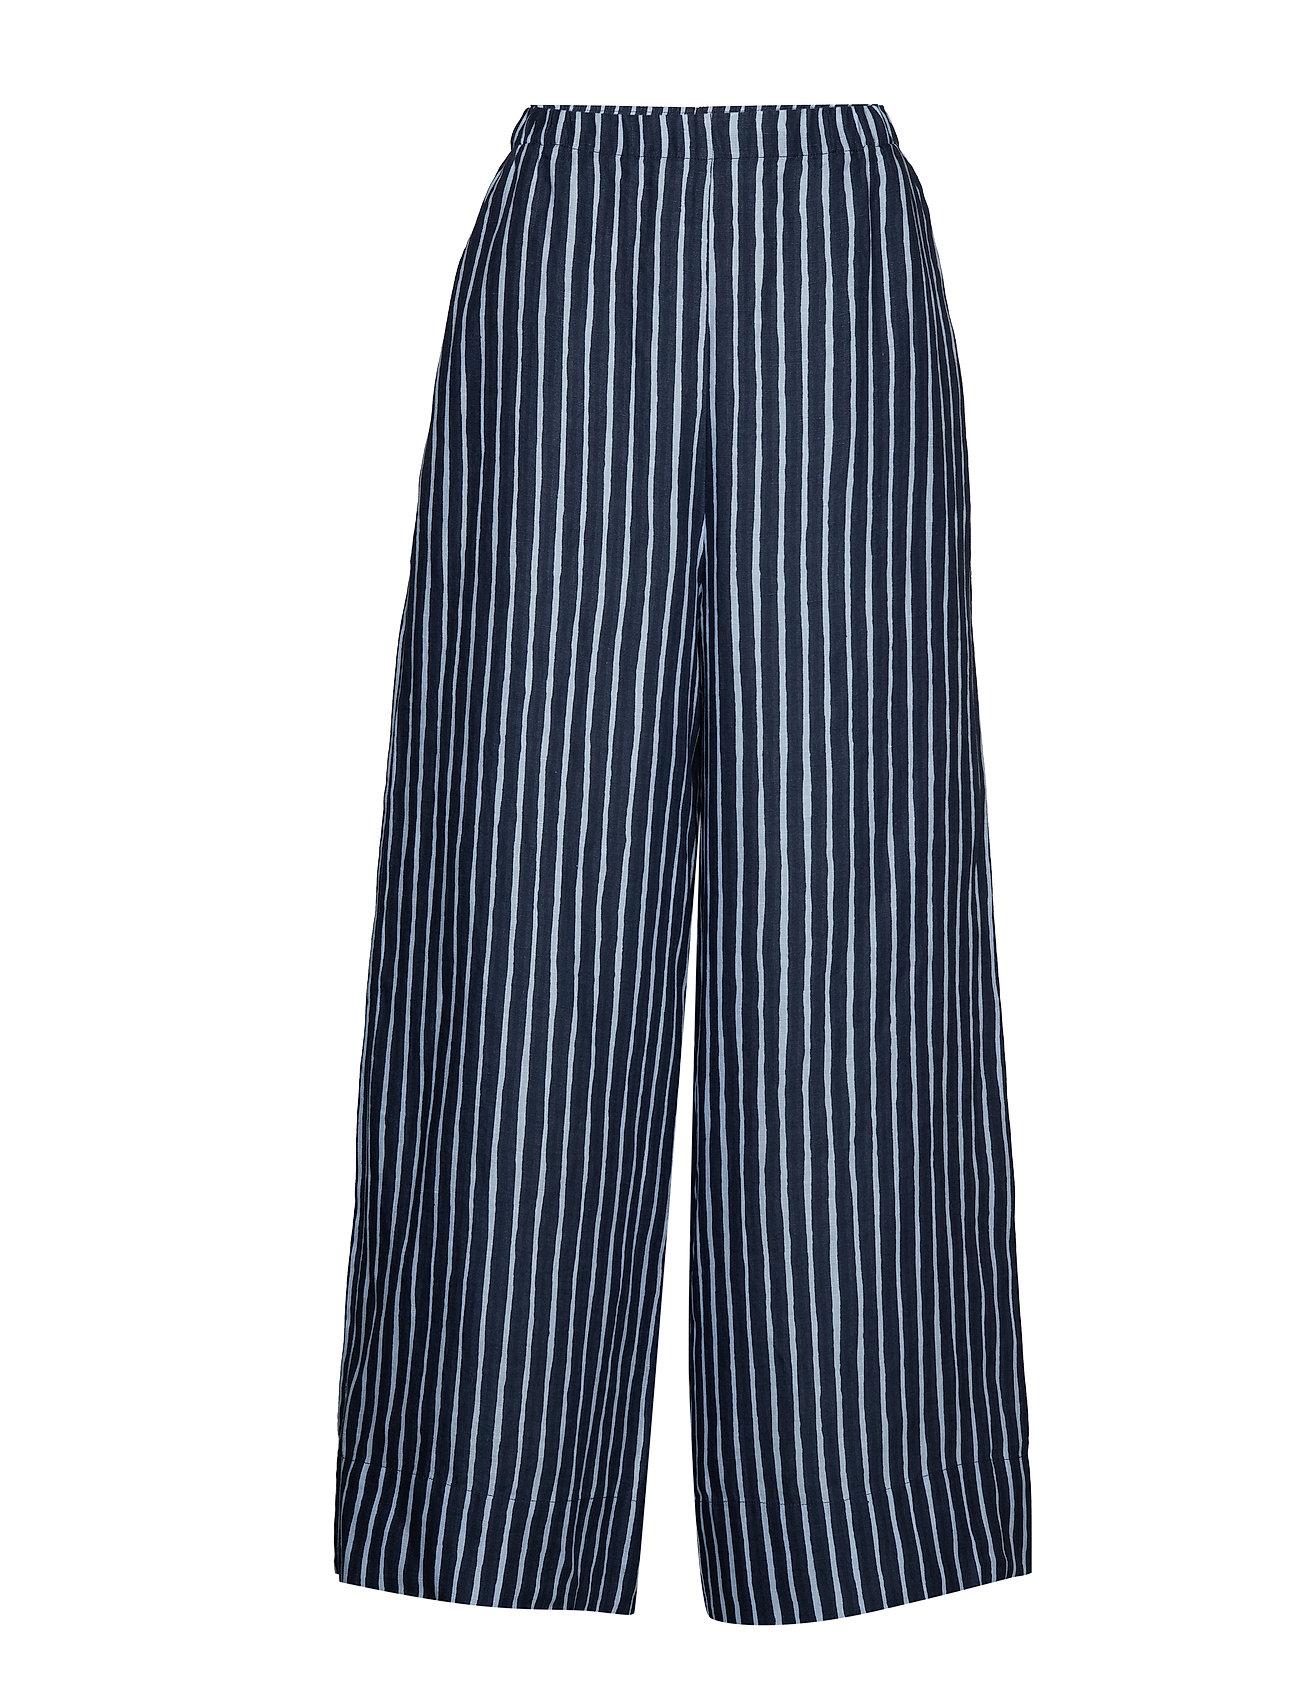 Image of Ihanne Piccolo Trousers Vide Bukser Blå MARIMEKKO (3190775931)